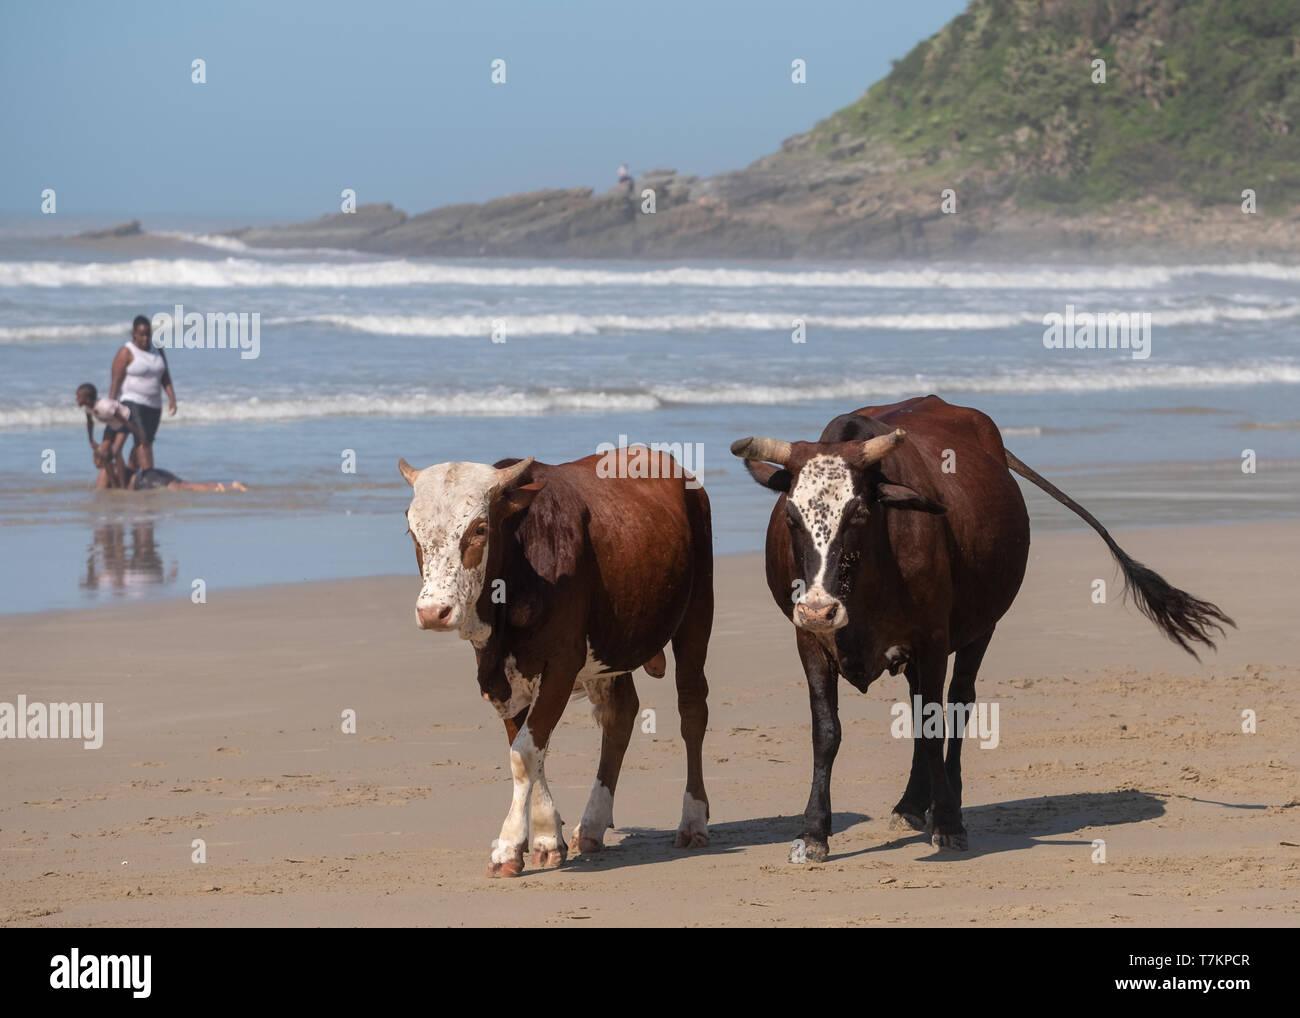 Marrone e bianco Nguni vacche a seconda spiaggia, Port St Johns sulla costa selvaggia in Transkei, Sud Africa. Persone giocare nel mare dietro. Immagini Stock